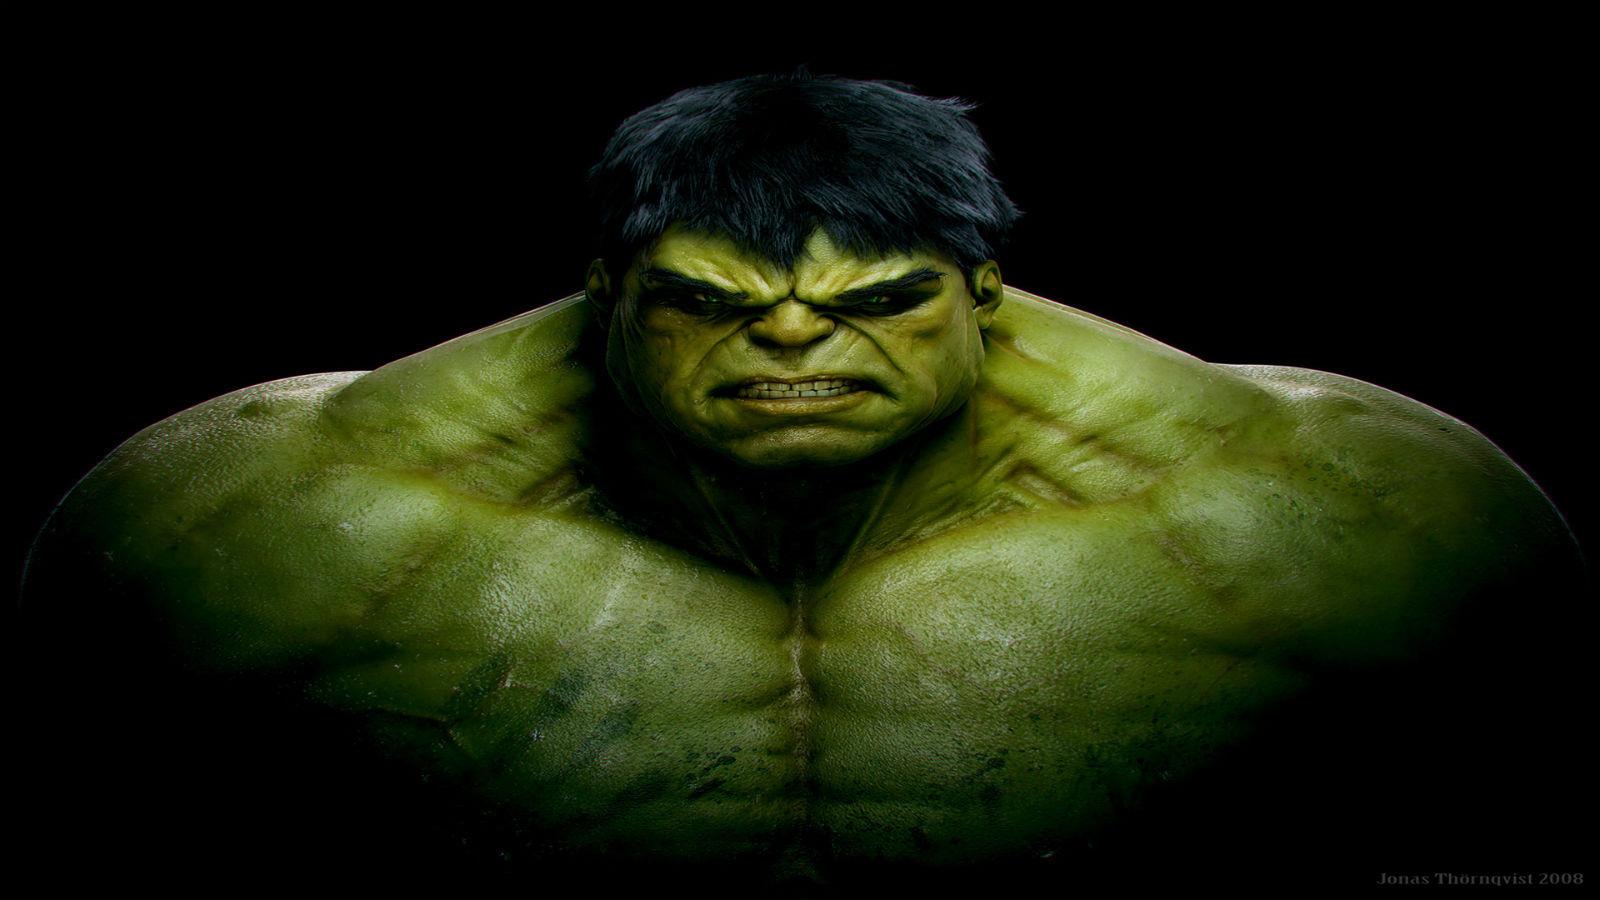 HD Hulk Wallpaper - WallpaperSafari